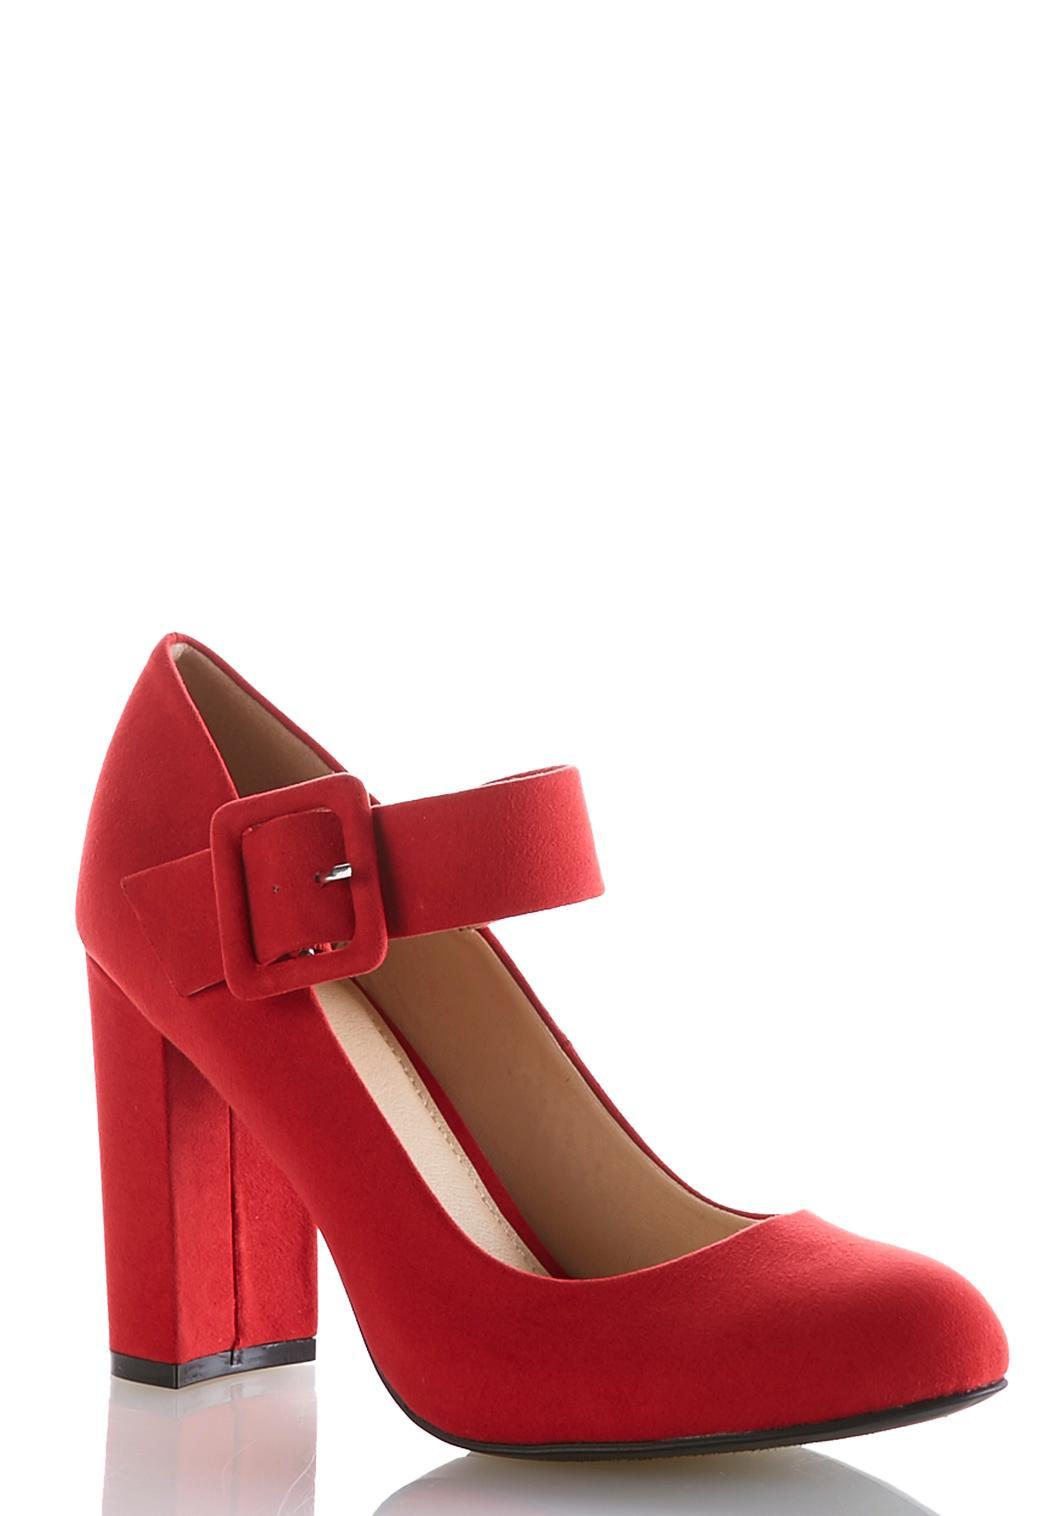 Shoes High Heel No Heels